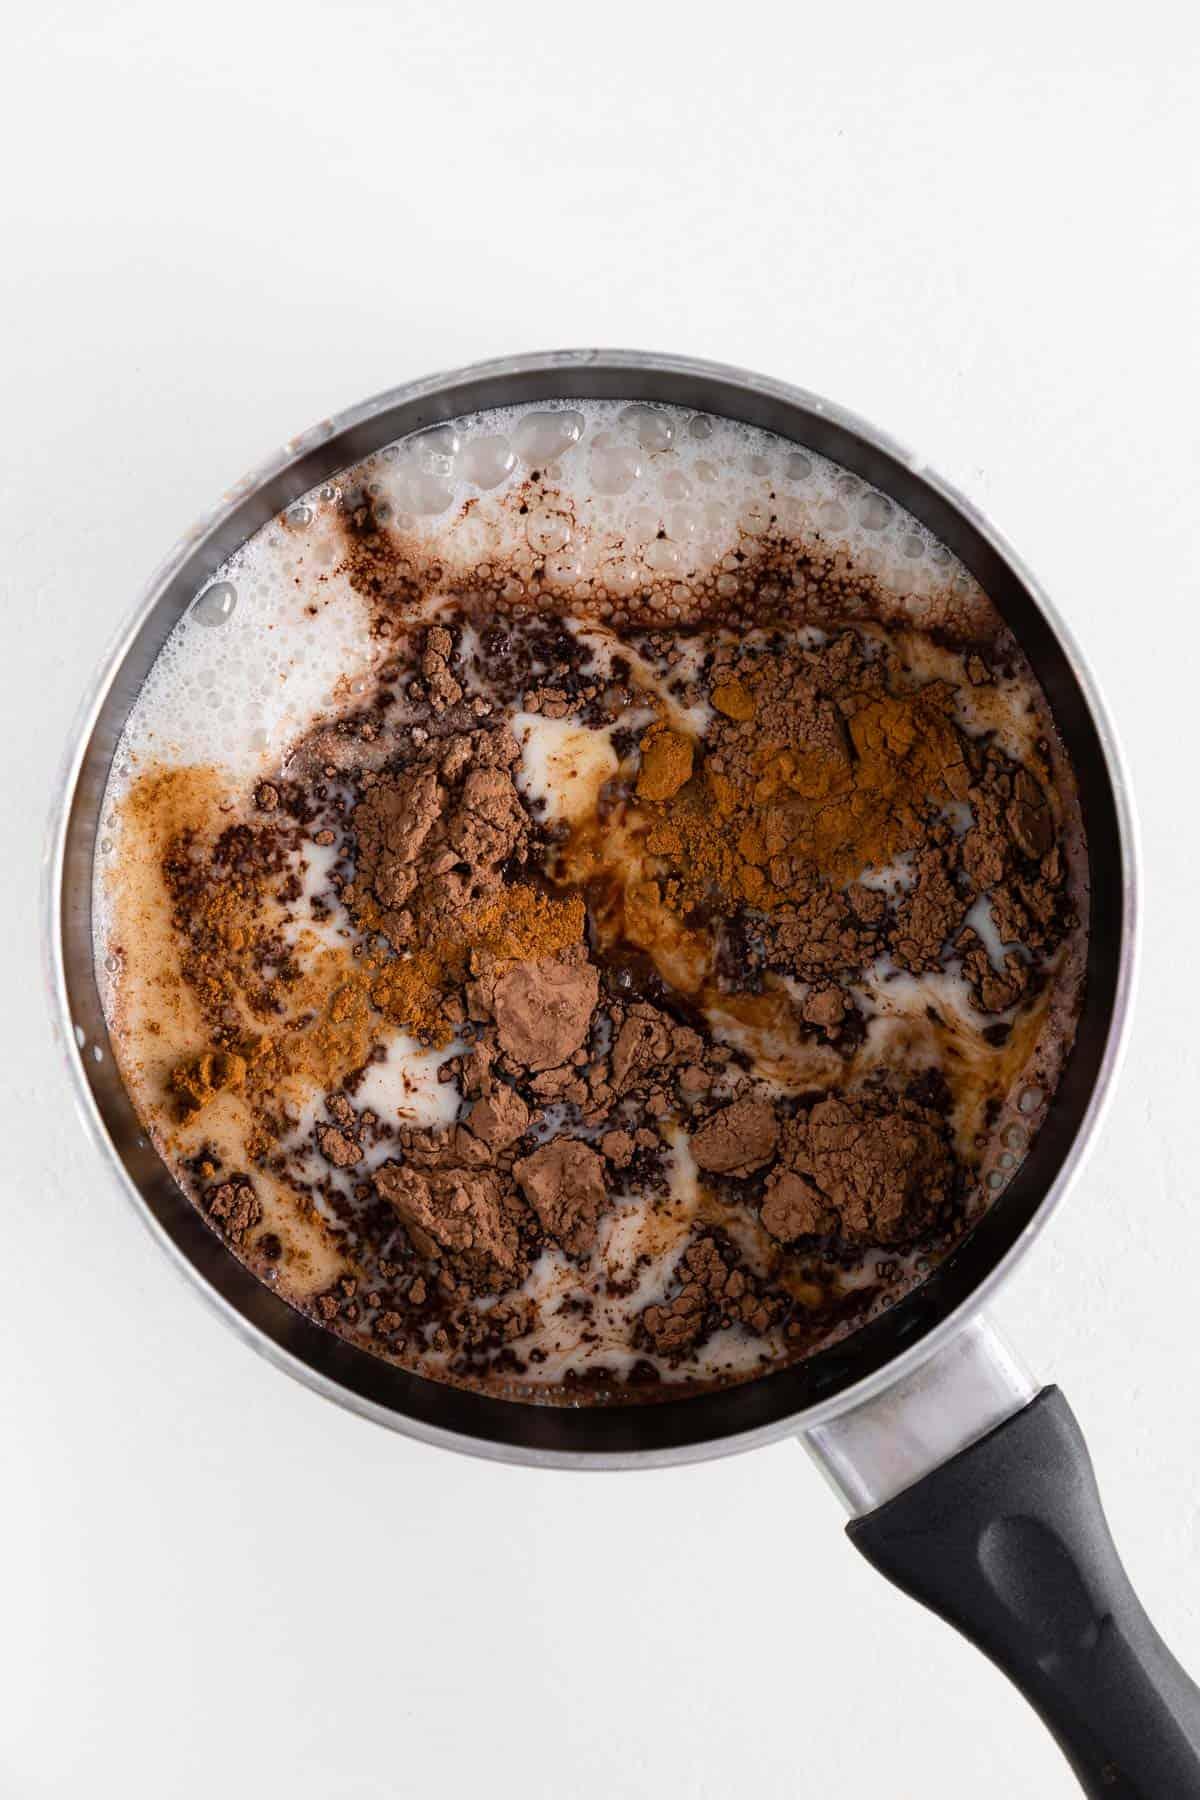 oat milk, cocoa powder, cinnamon, and vanilla extract in a small saucepot